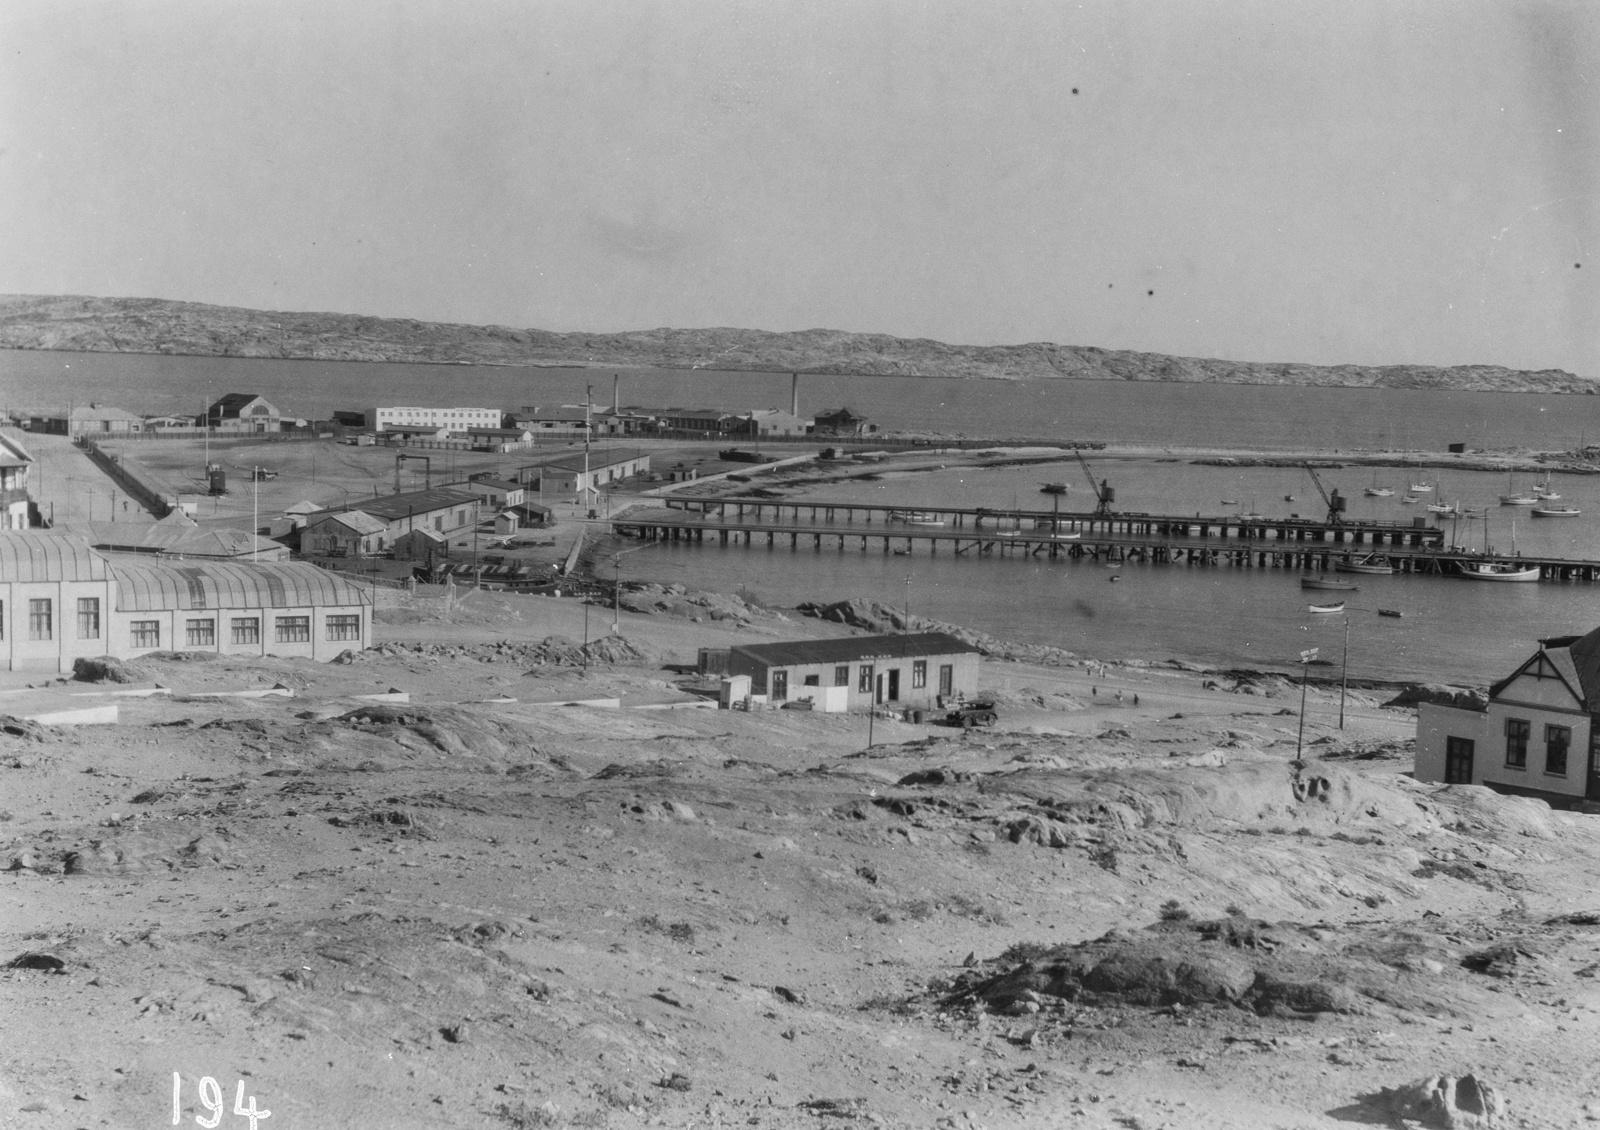 Южно-Африканский Союз. Кейптаун. Гавань с портовыми складами